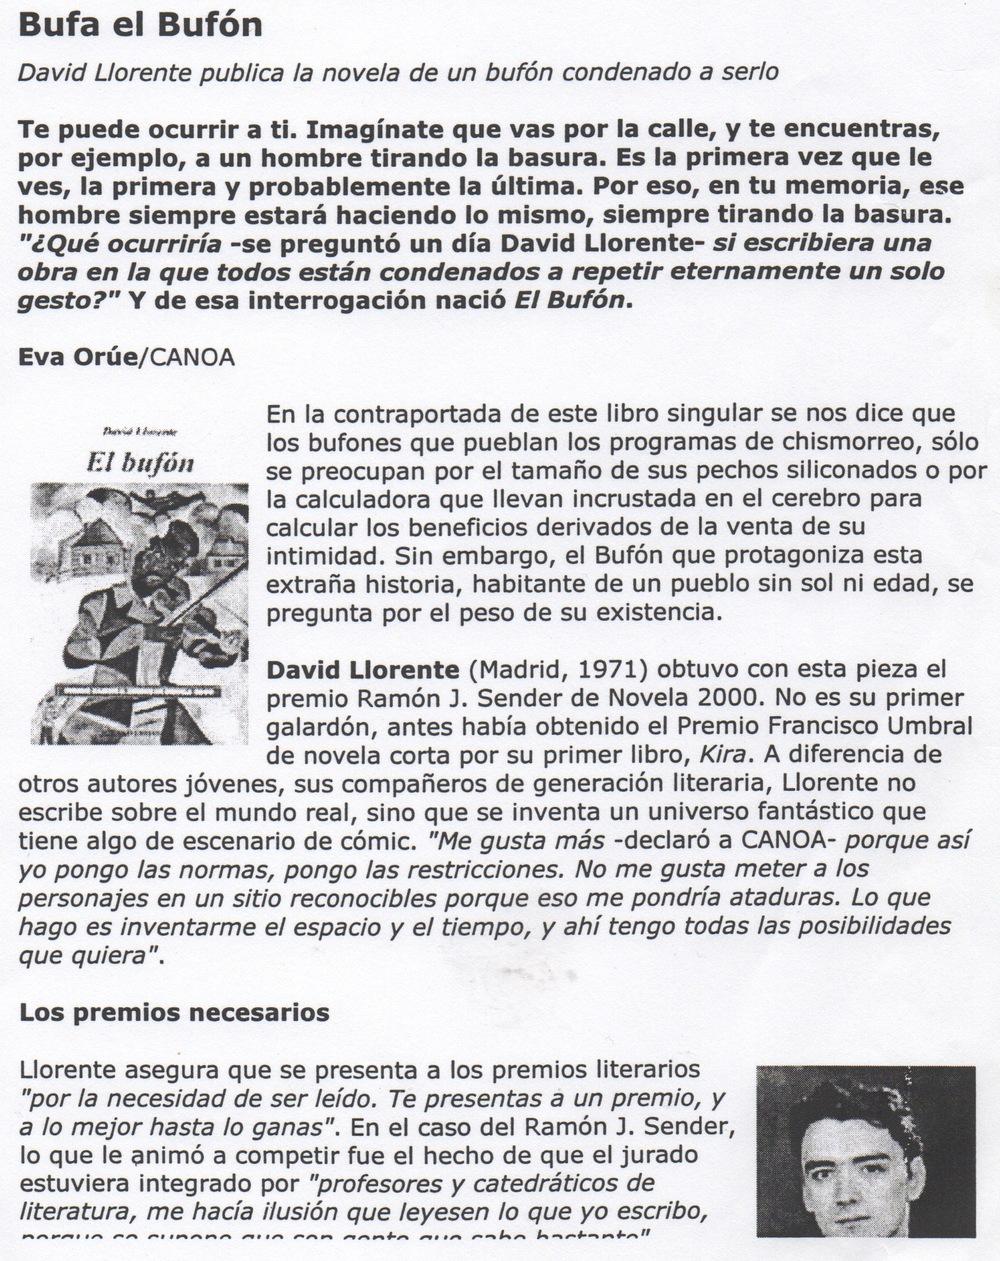 david_llorente_resena_el_bufon